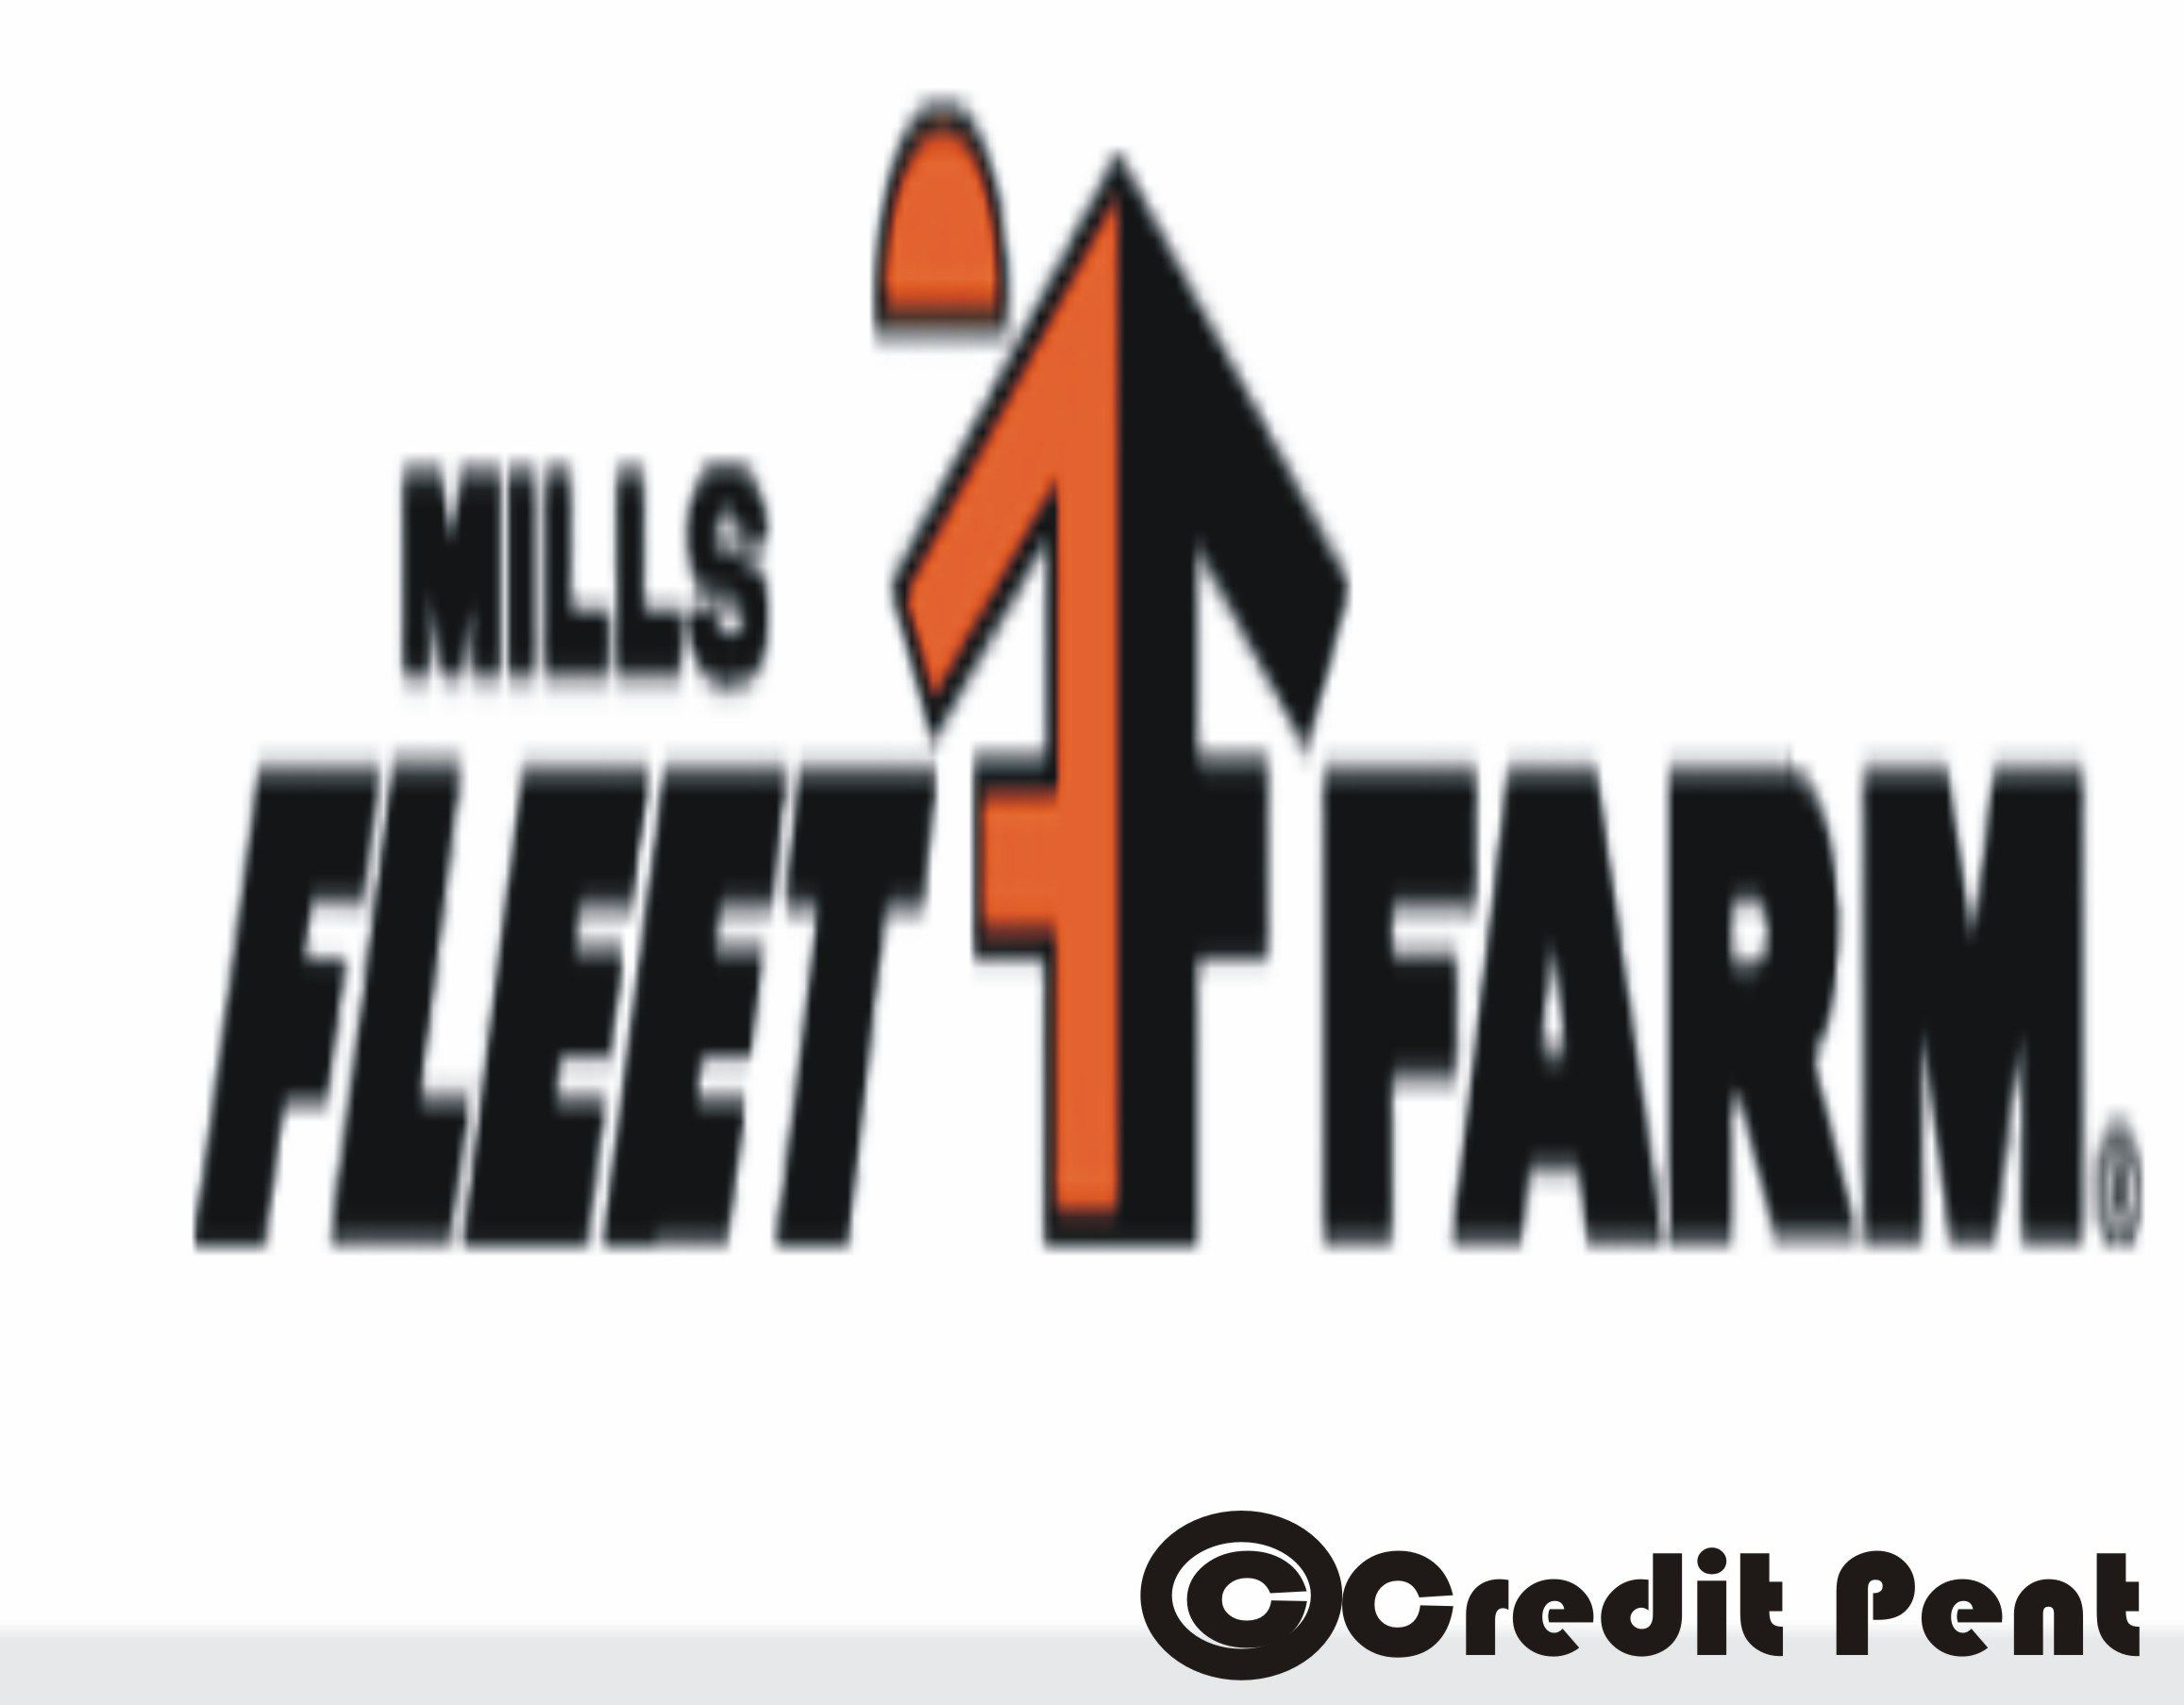 Fleet Farm Credit Card Login Mills Fleet Farm Credit Card Online Access Credit Card Online Fleet Farm Credit Card Payment